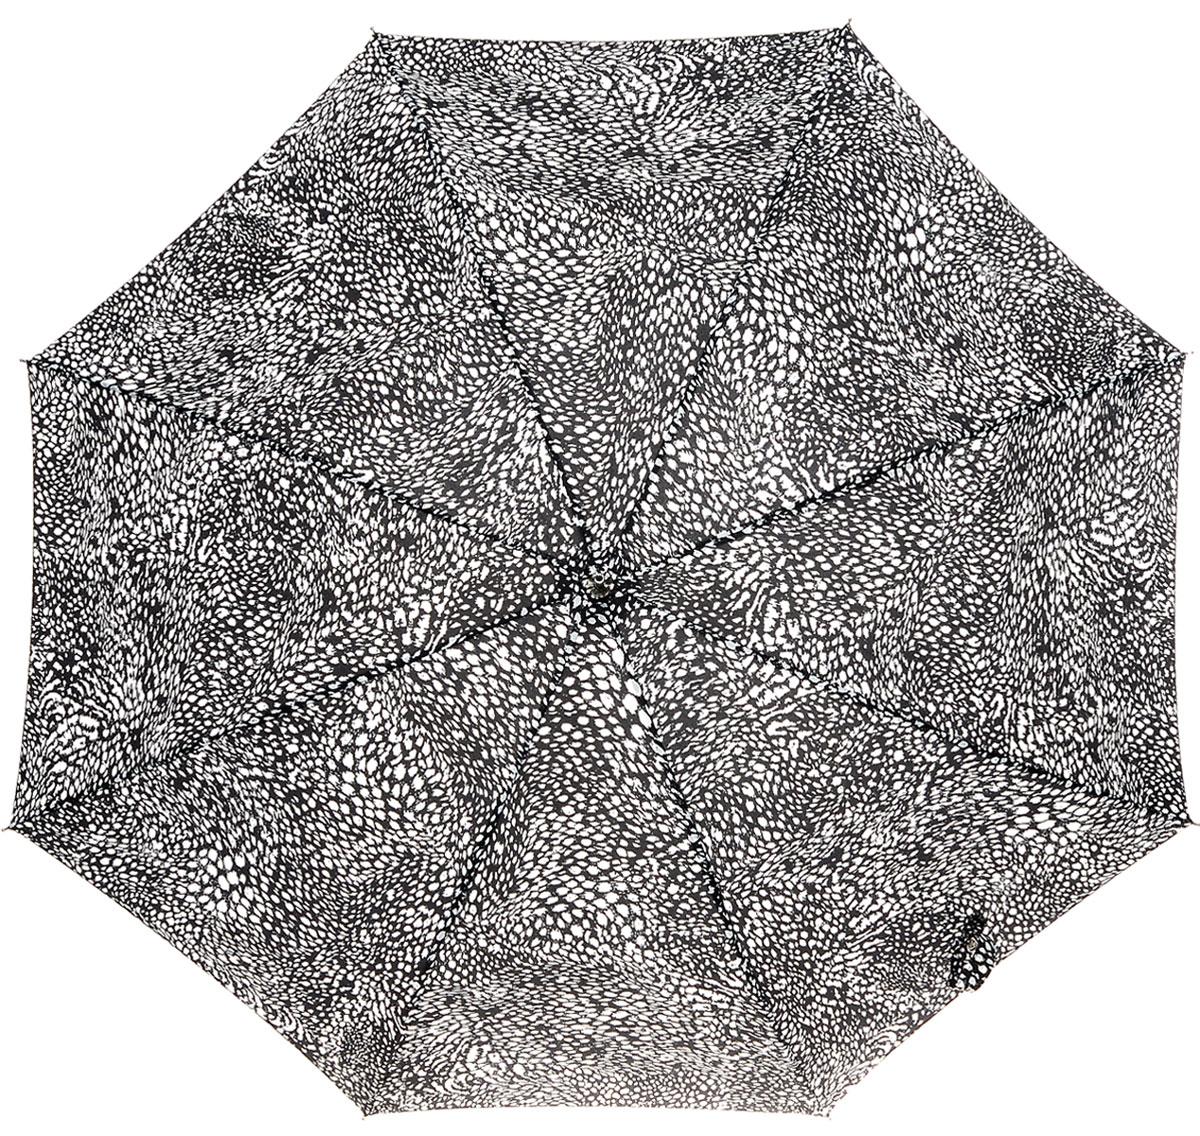 Зонт-трость женский Fulton Eliza, механический, цвет: черный, белый. L600-2632L600-2632 FeatherSwirlМодный механический зонт-трость Fulton Eliza даже в ненастную погоду позволит вам оставаться стильной и элегантной. Каркас зонта включает 8 спиц из фибергласса. Стержень изготовлен из стали. Купол зонта выполнен из прочного полиэстера и оформлен принтом в виде мелких пятнышек. Изделие дополнено удобной рукояткой из пластика. Зонт механического сложения: купол открывается и закрывается вручную до характерного щелчка. Модель застегивается с помощью хлястика на кнопку. Такой зонт не только надежно защитит вас от дождя, но и станет стильным аксессуаром, который идеально подчеркнет ваш неповторимый образ.